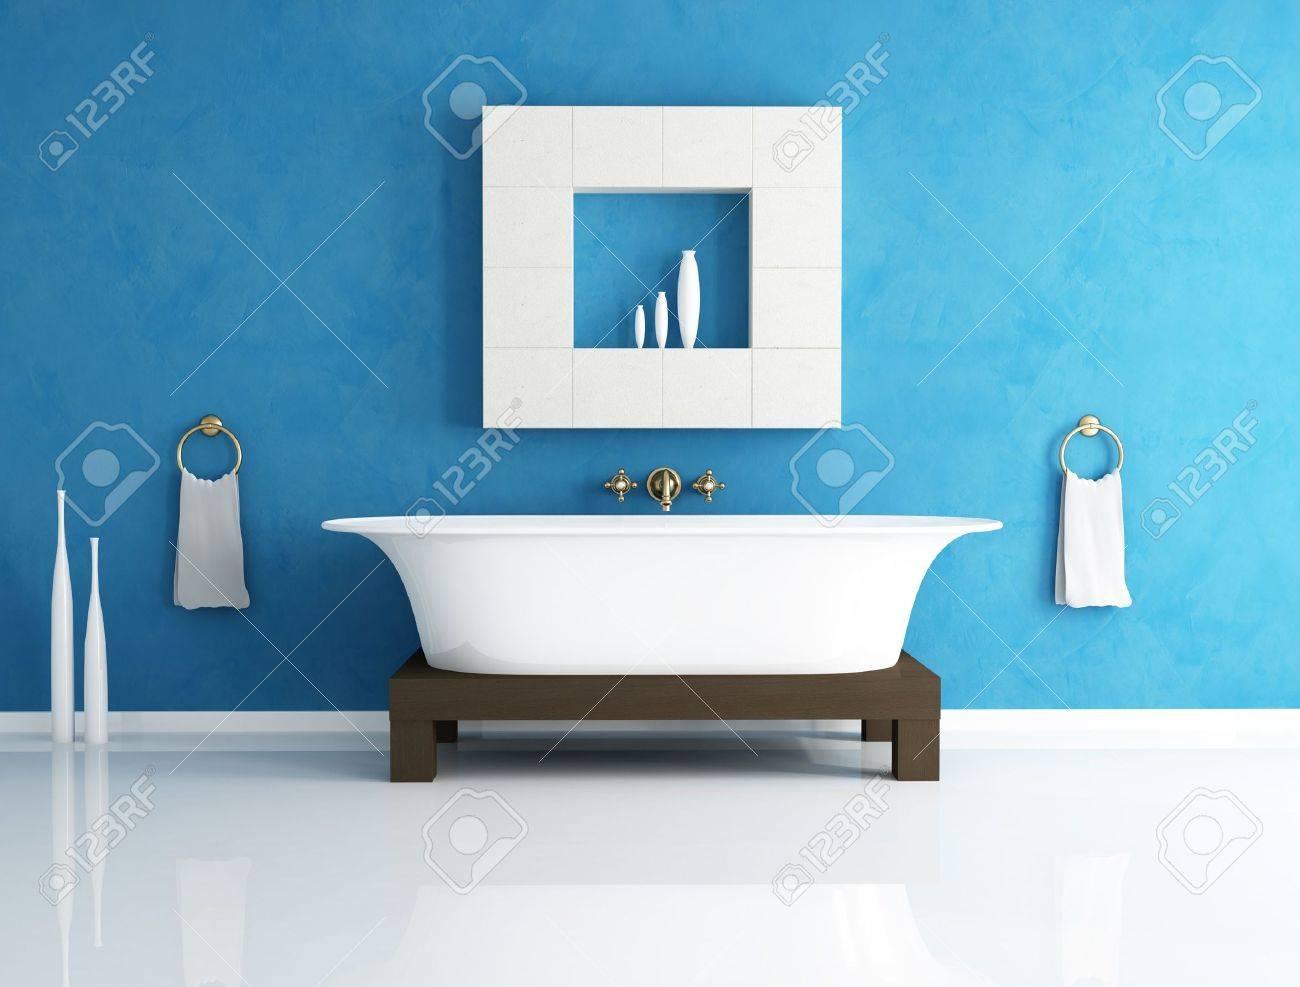 Retro Bathtub In A Modern Blue Bathroom - Rendering Stock Photo ...